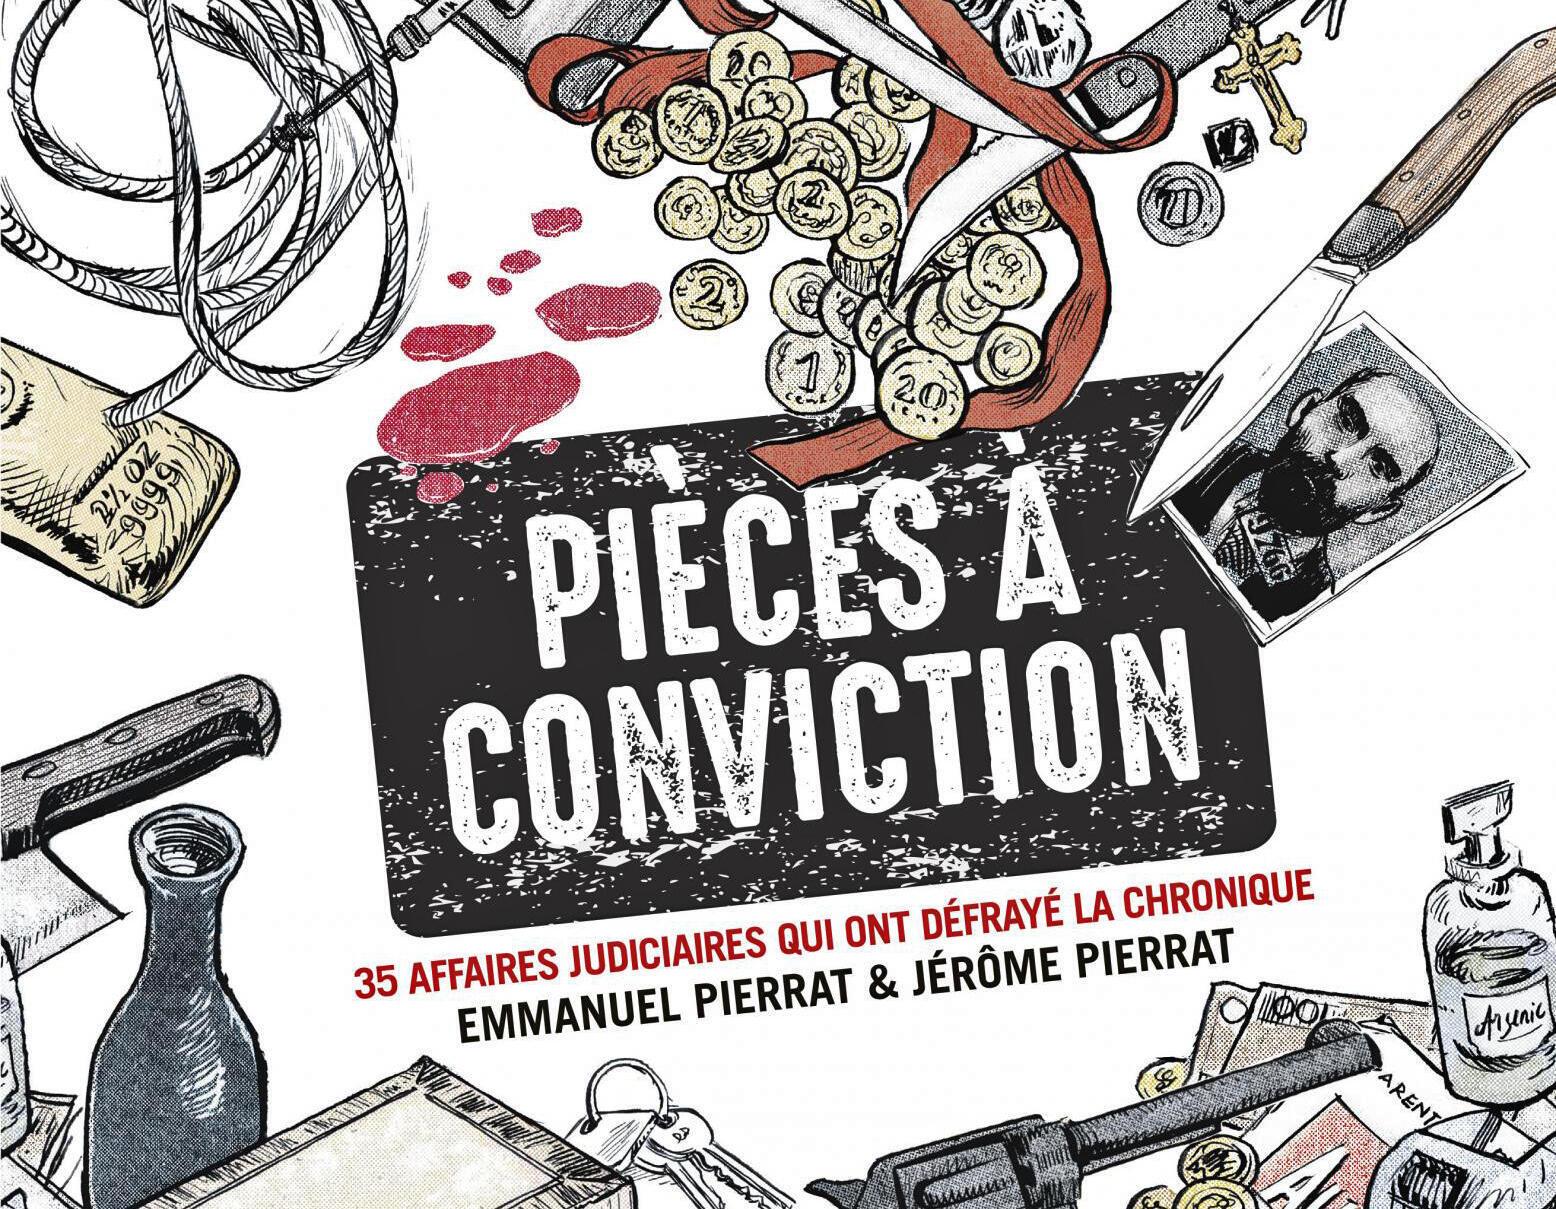 La couverture du livre «Pièces à conviction» des frères Pierrat